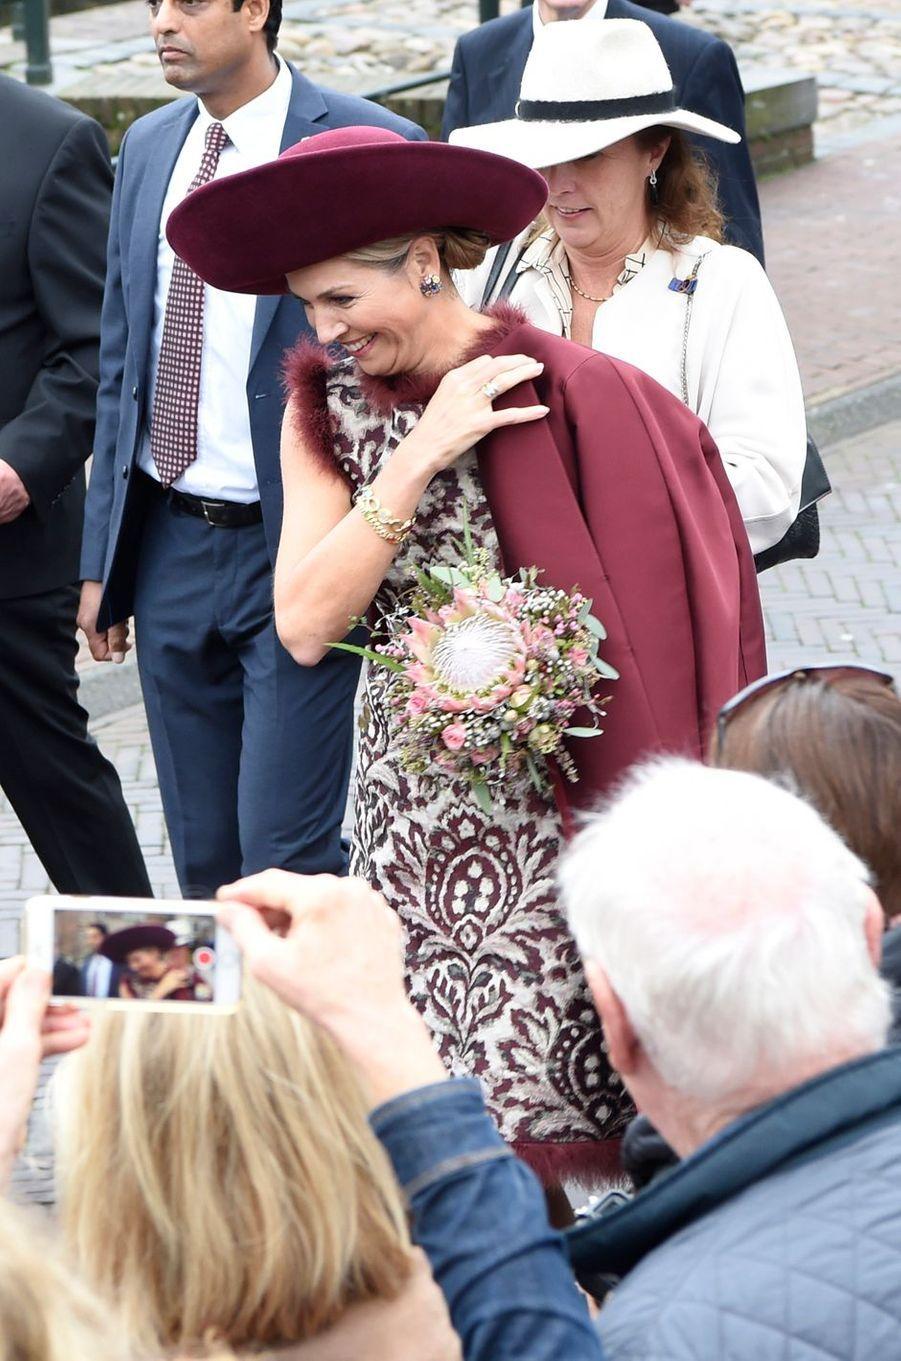 La reine Maxima des Pays-Bas dans une robe Natan dans la région de l'Eemland, le 24 octobre 2017